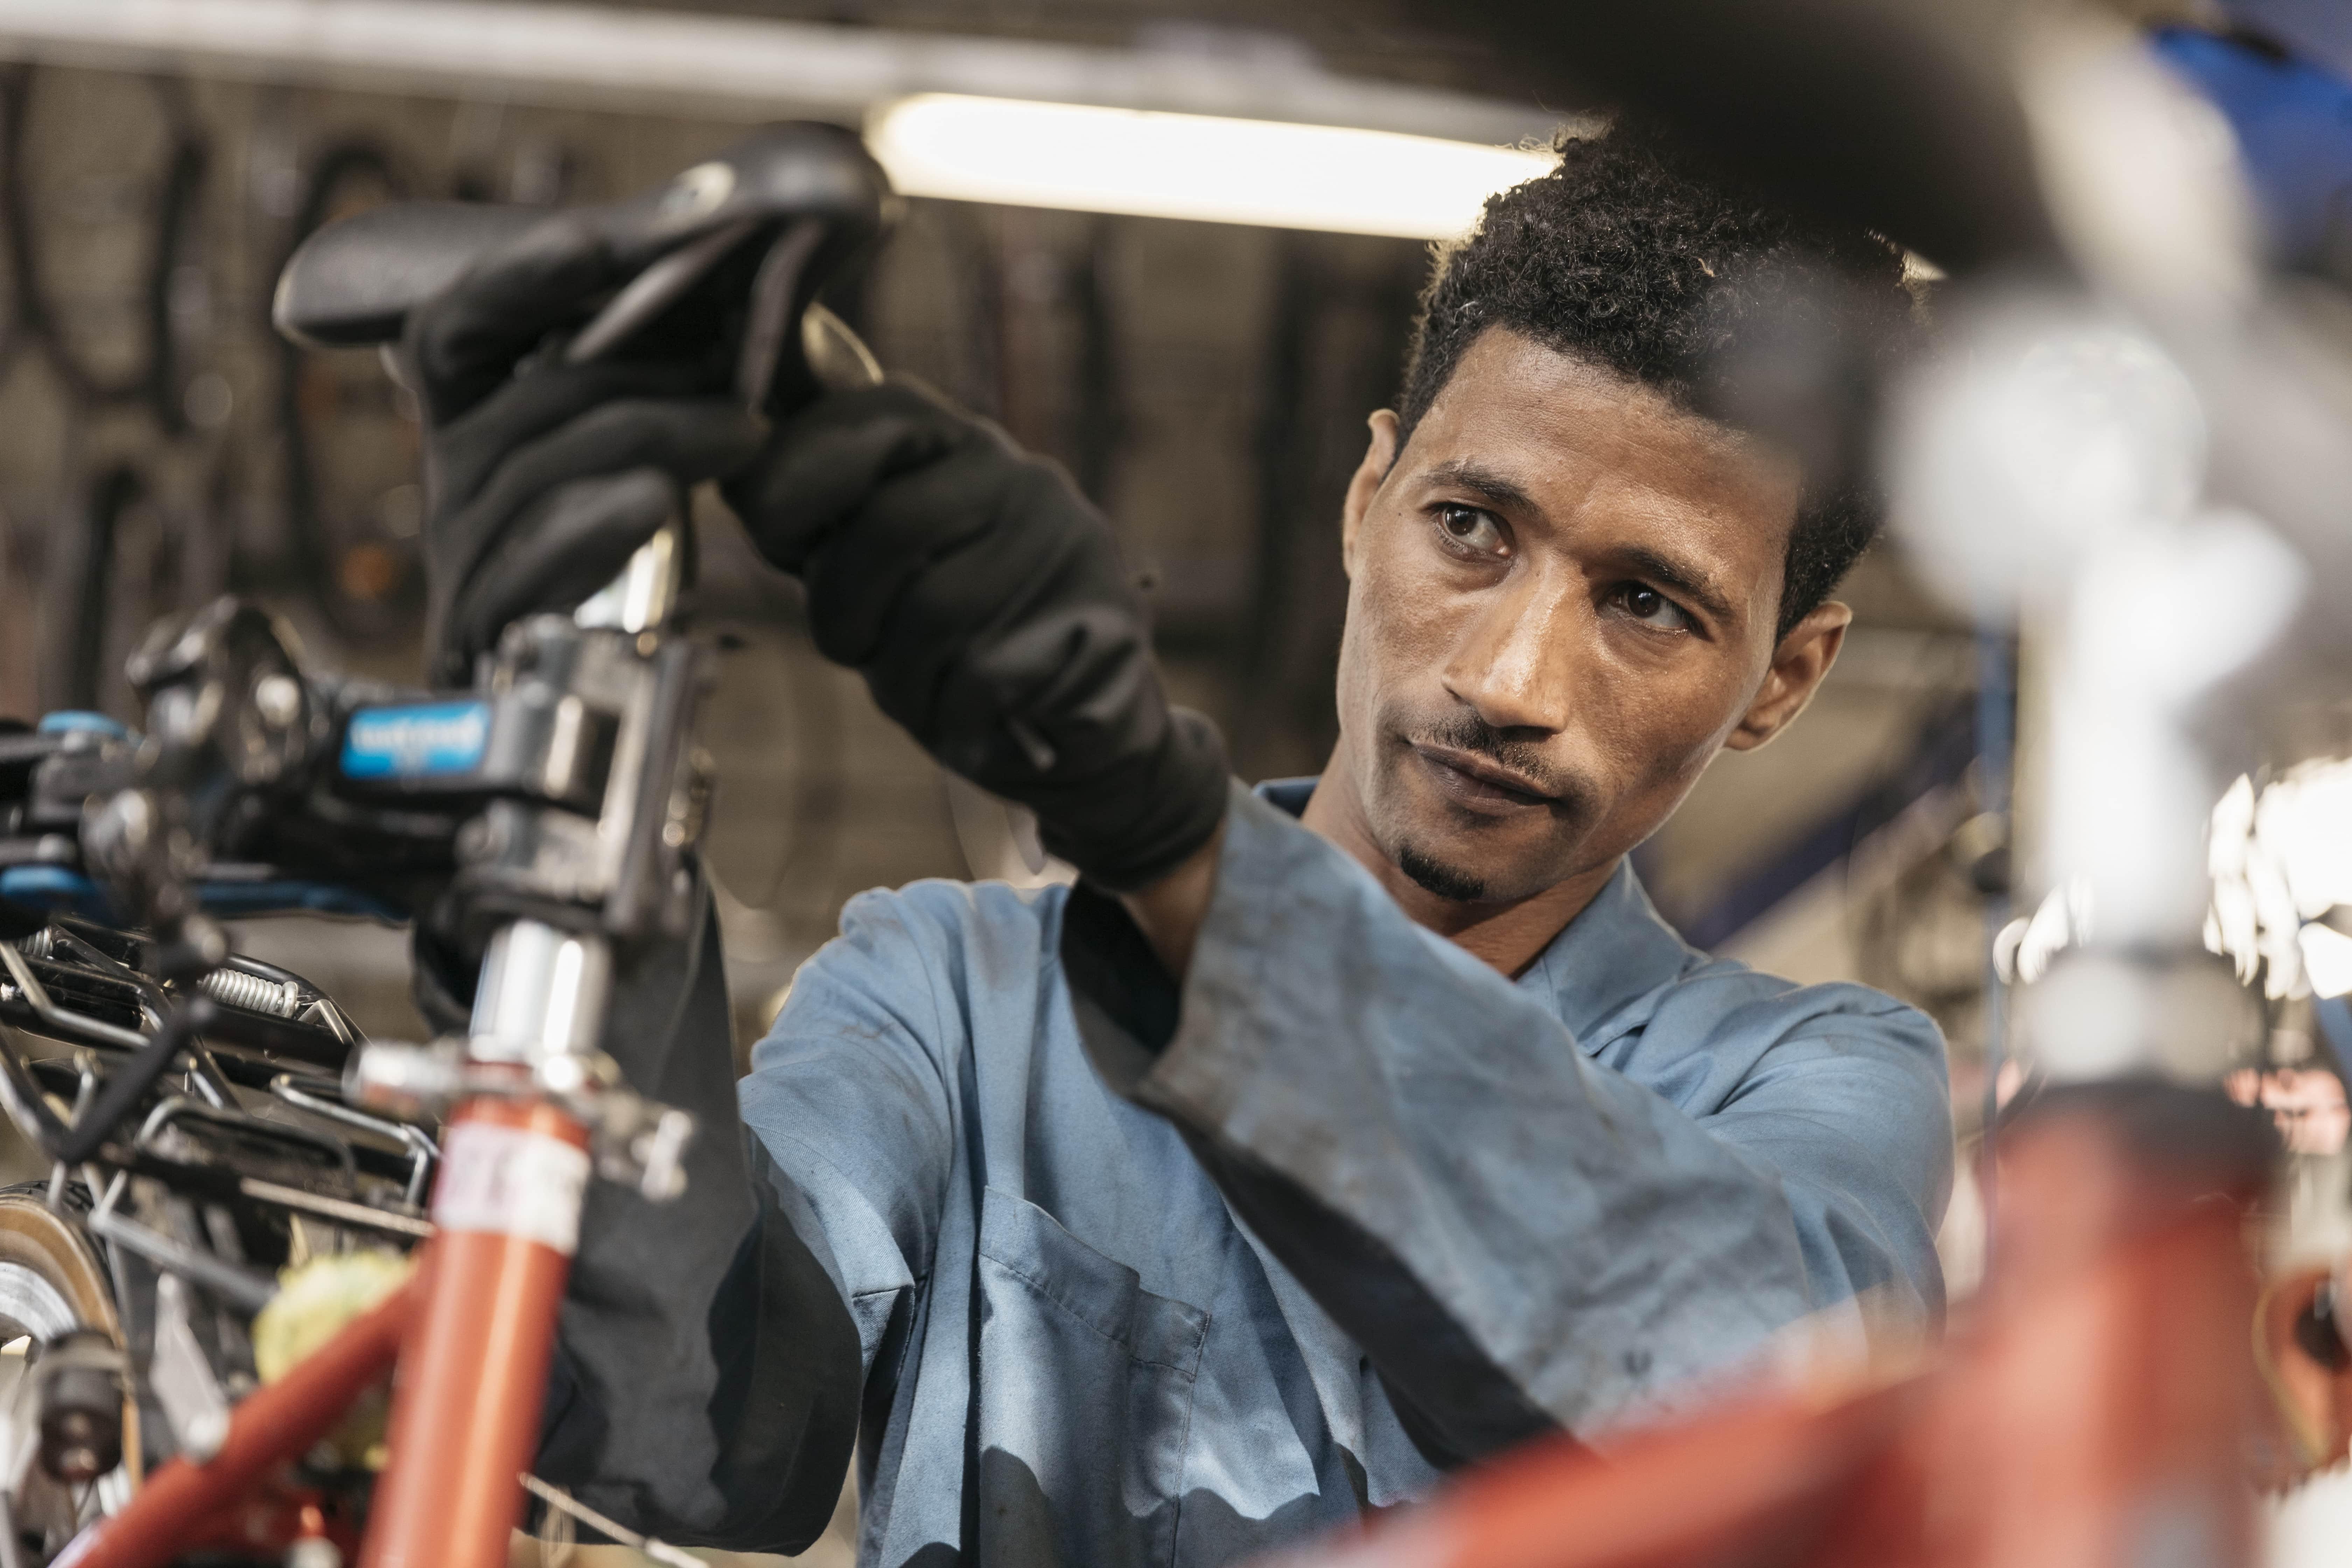 Ein Mann repariert ein Fahrrad